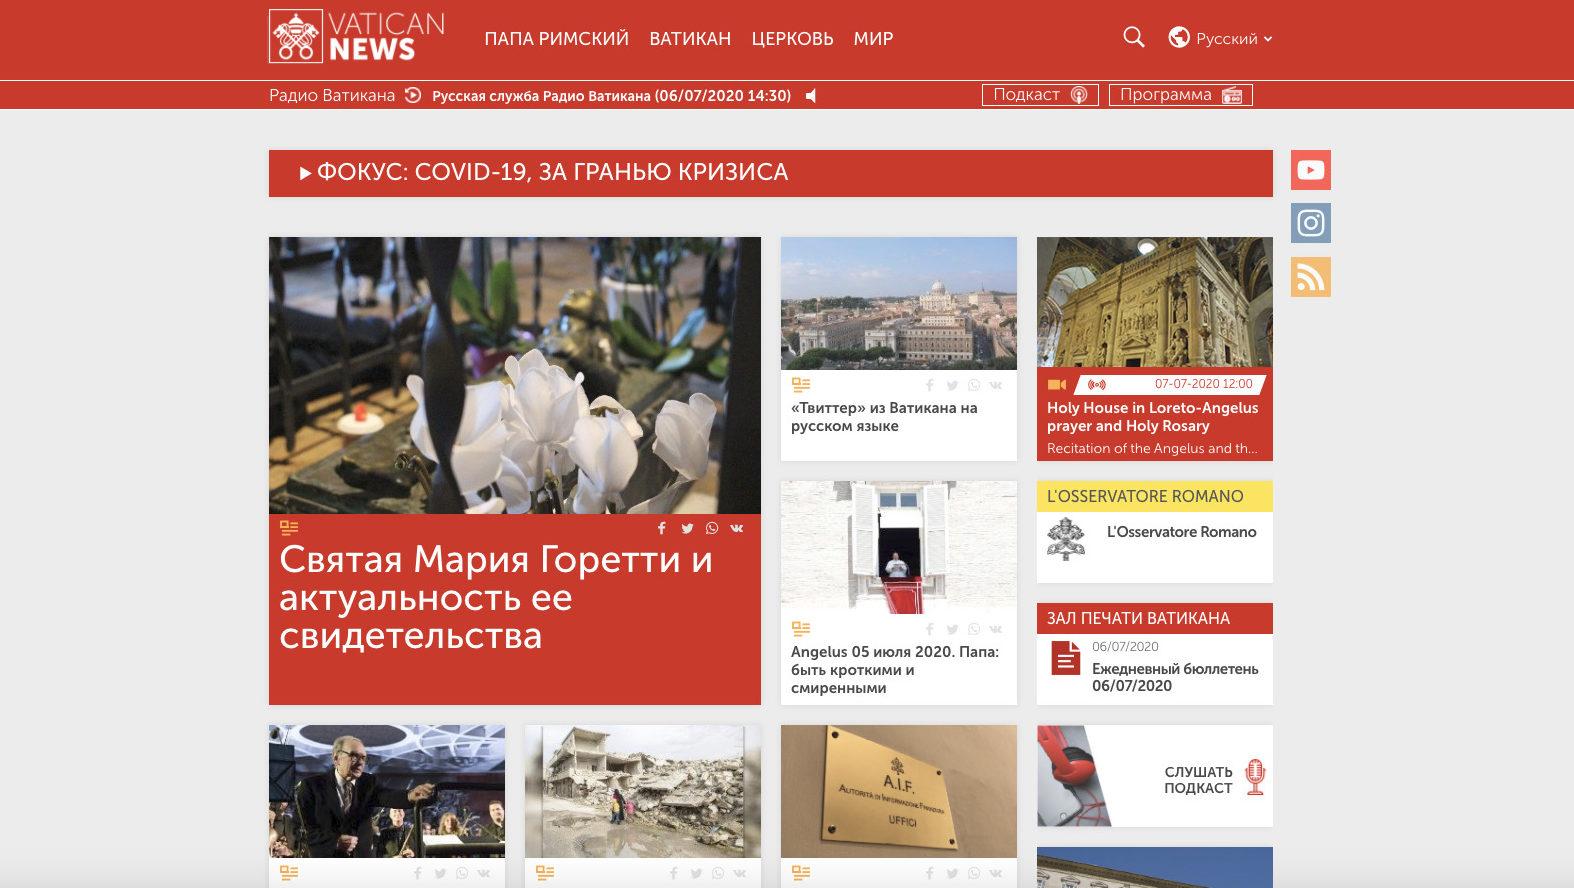 Vatican News en russe, capture @ Vatican News